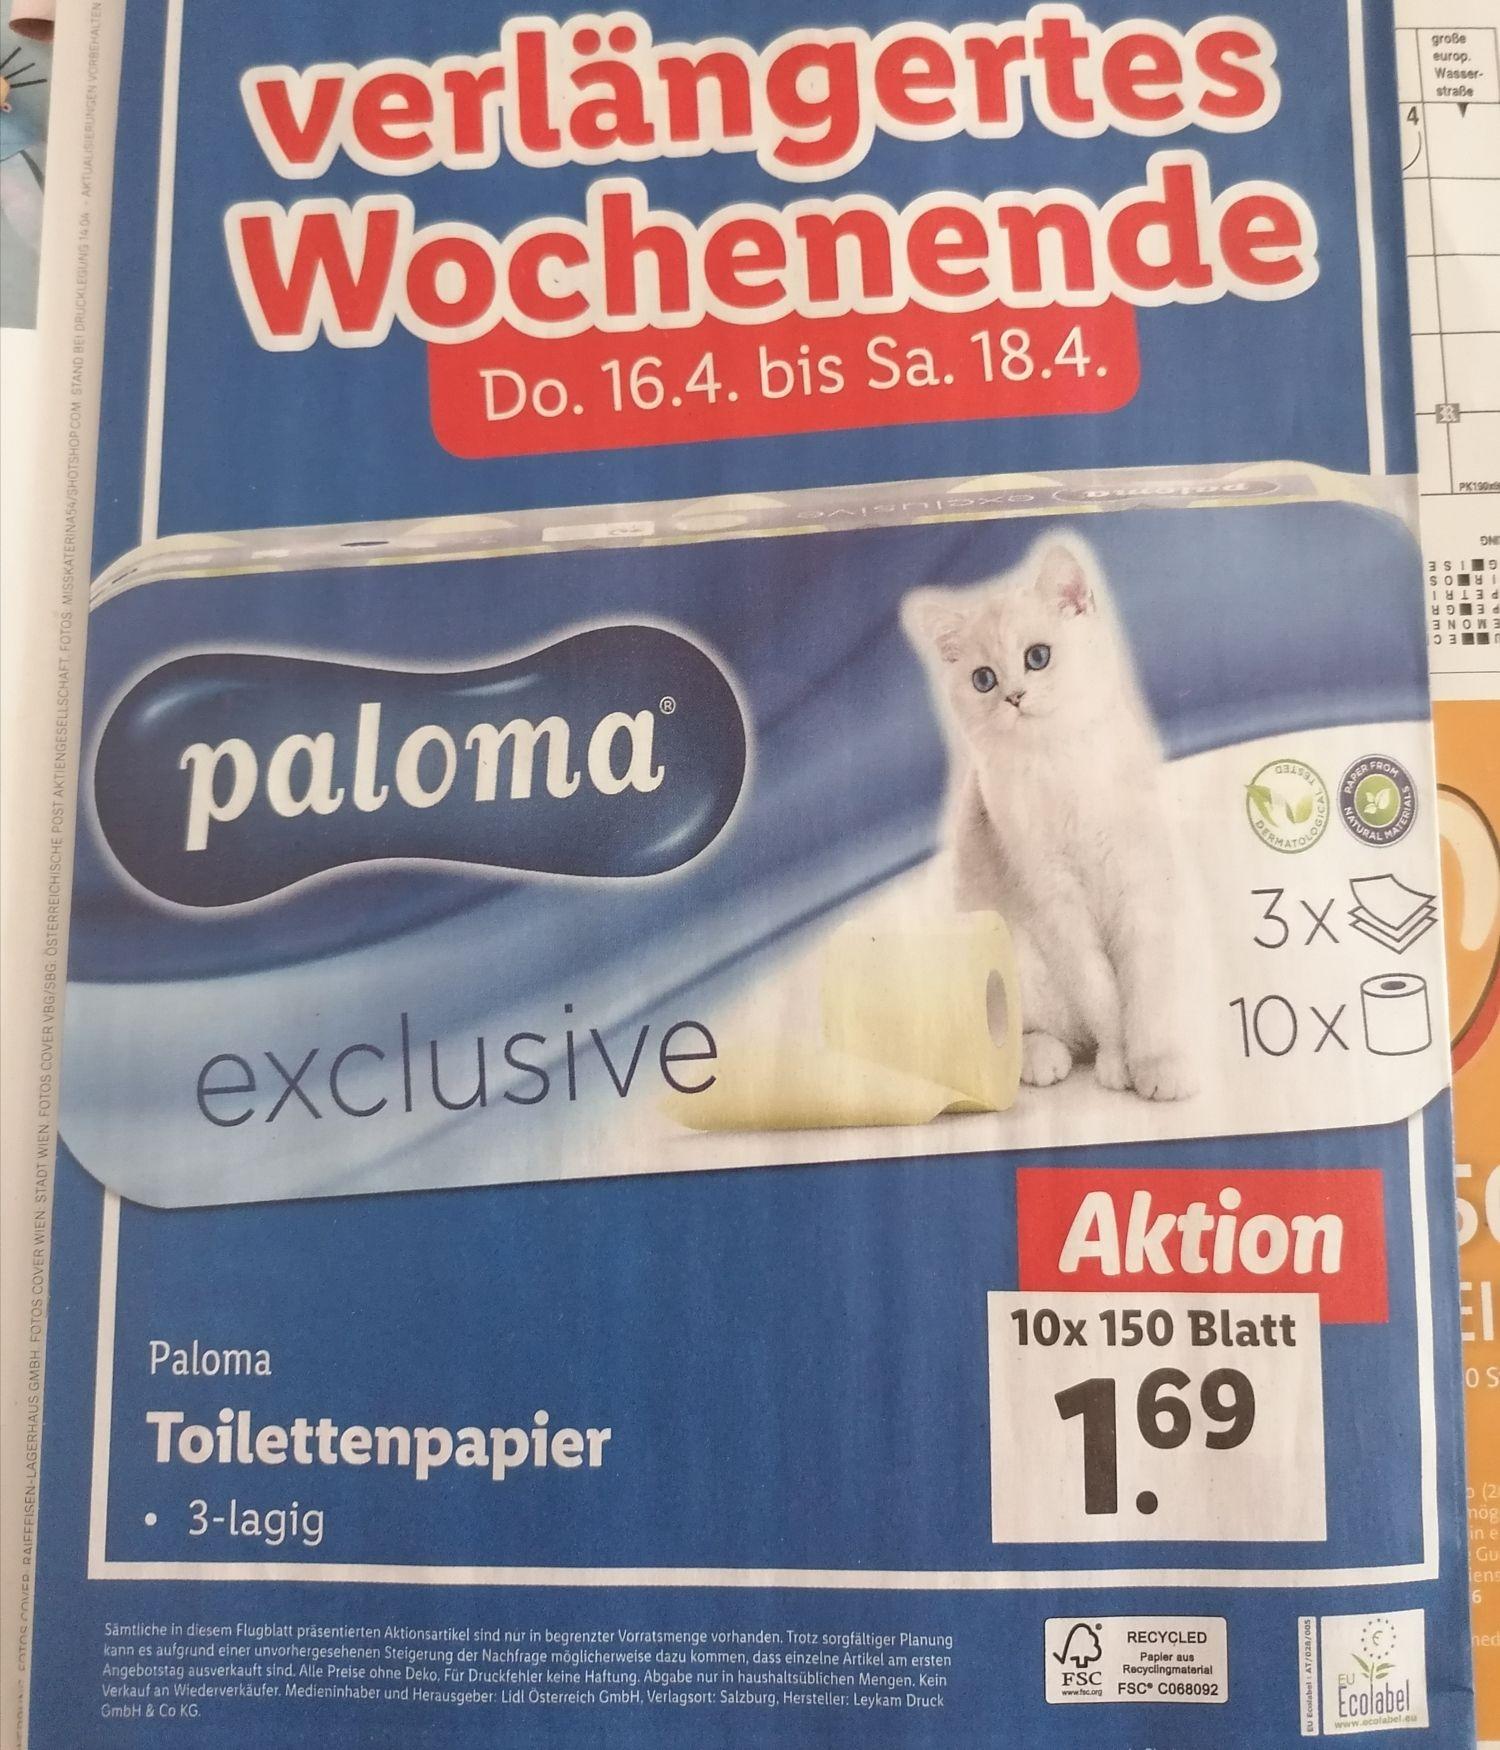 Toilettenpapier! Zum guten Preis bei Lidl